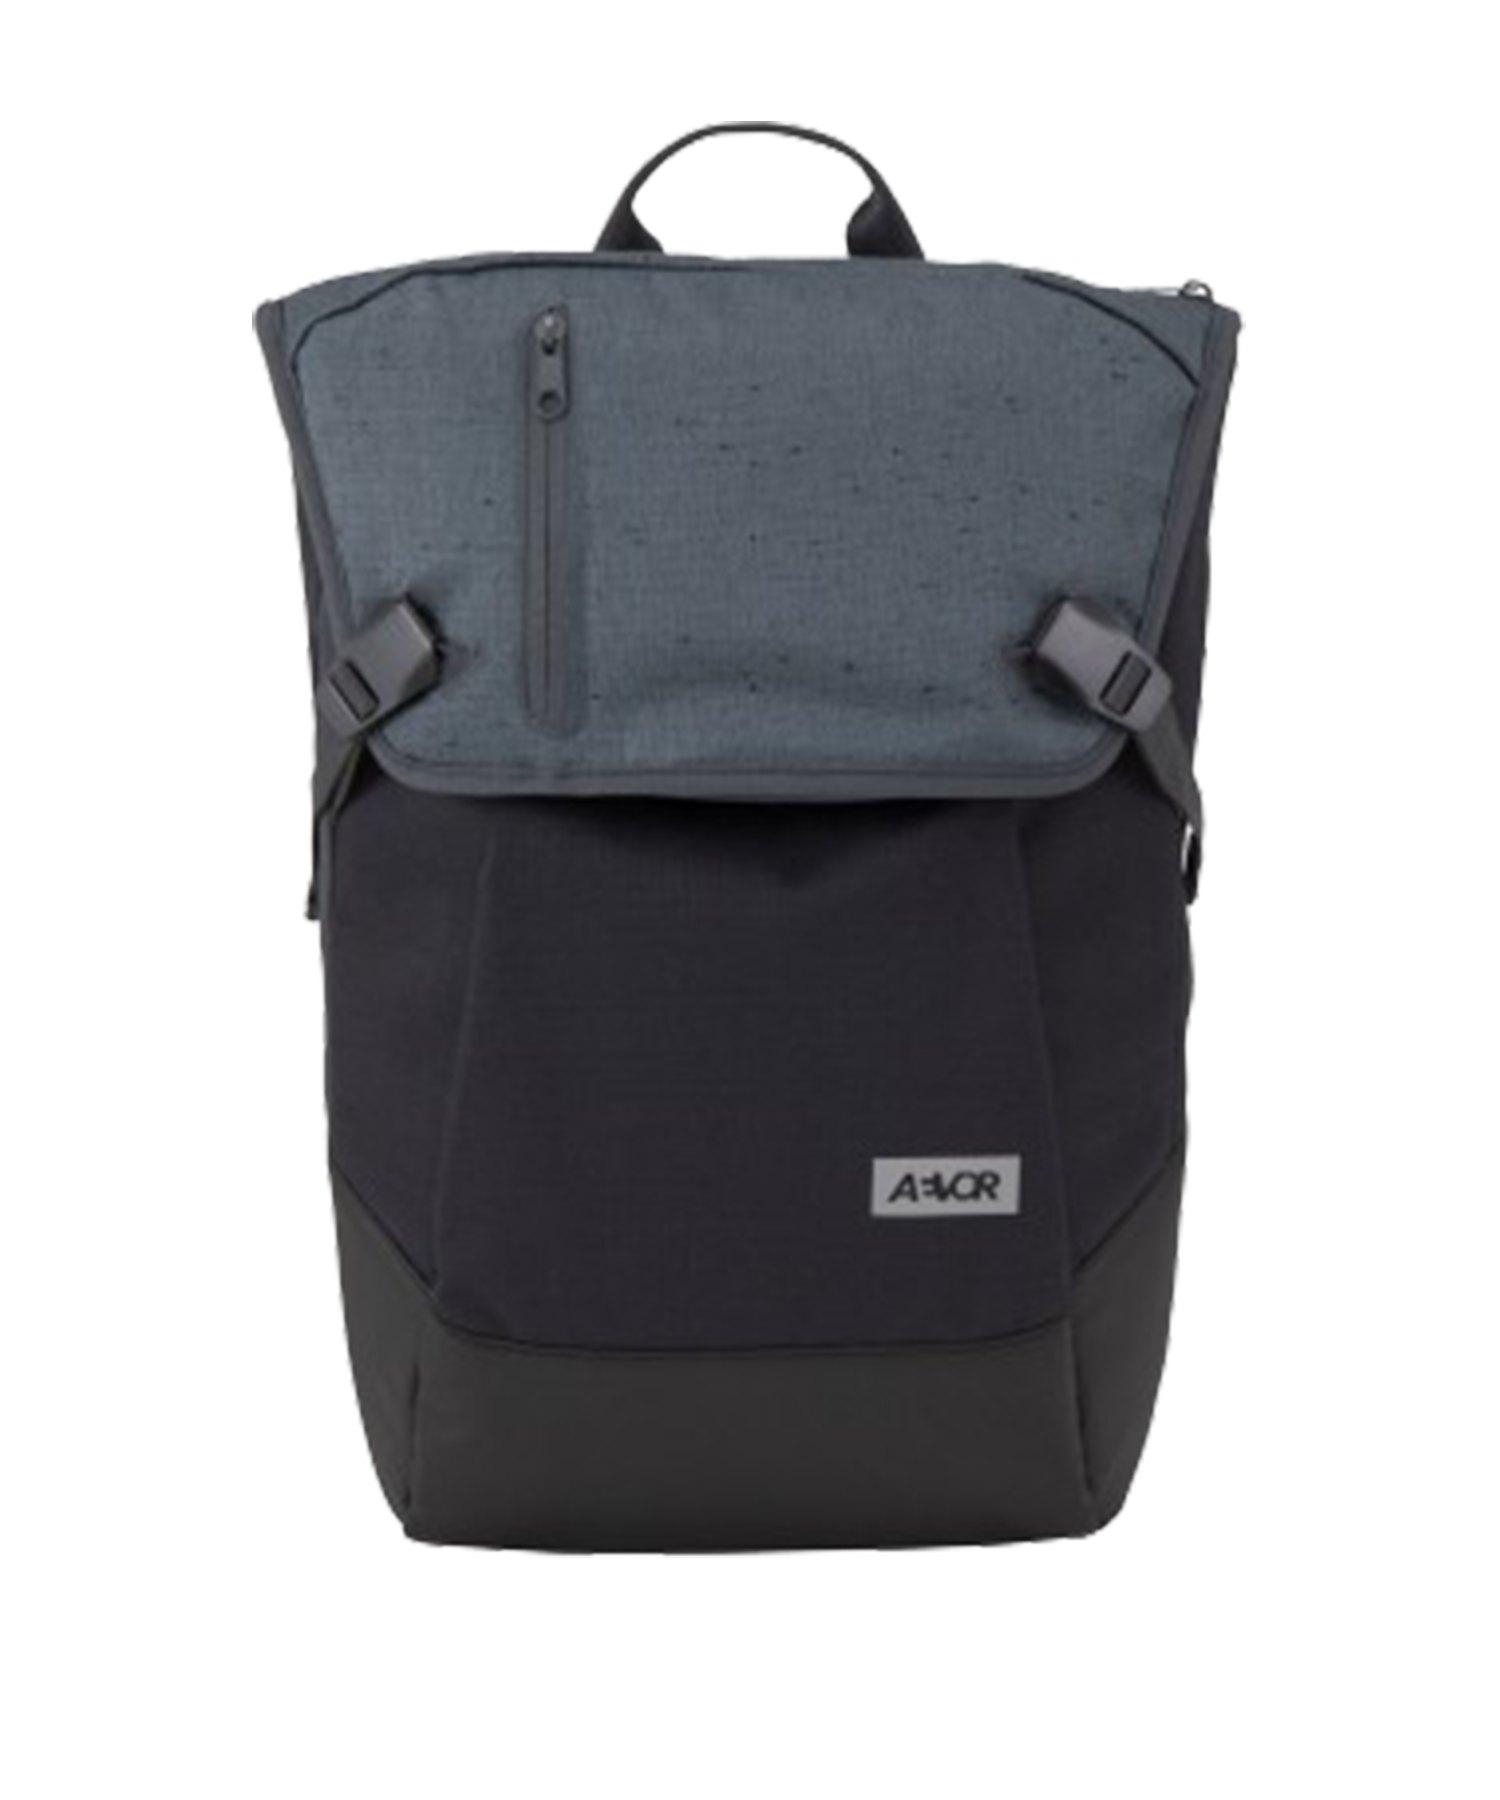 AEVOR Backpack Daypack Rucksack Schwarz F9N6 - schwarz